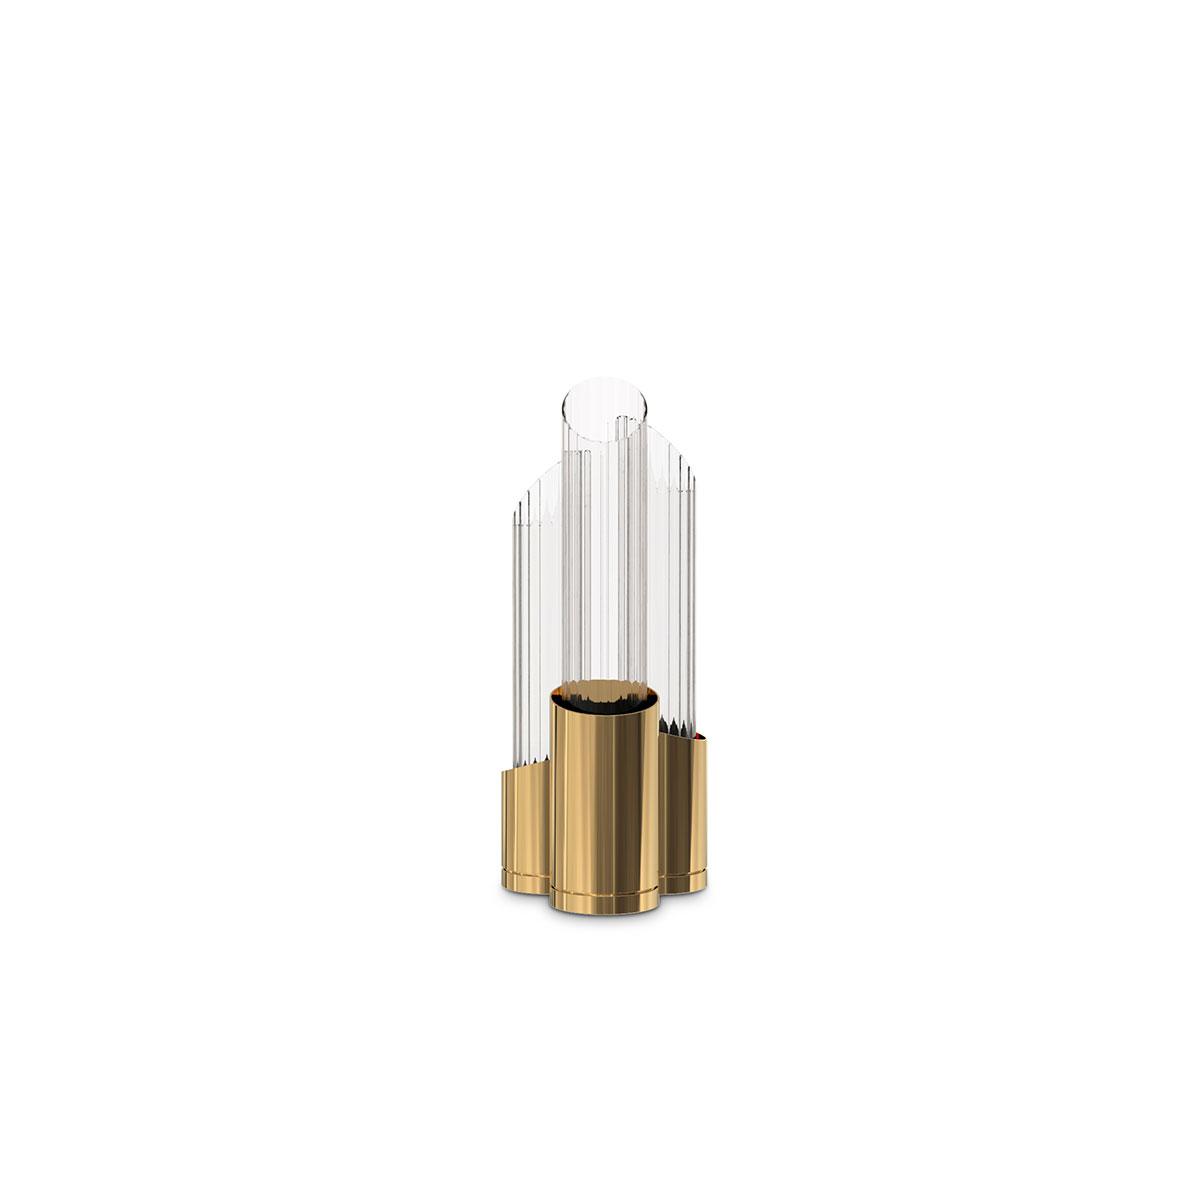 Lámparas de mesa: Ideas lujuosas para un proyecto elegante lámparas de mesa Lámparas de mesa: Ideas lujuosas para un proyecto elegante Tycho